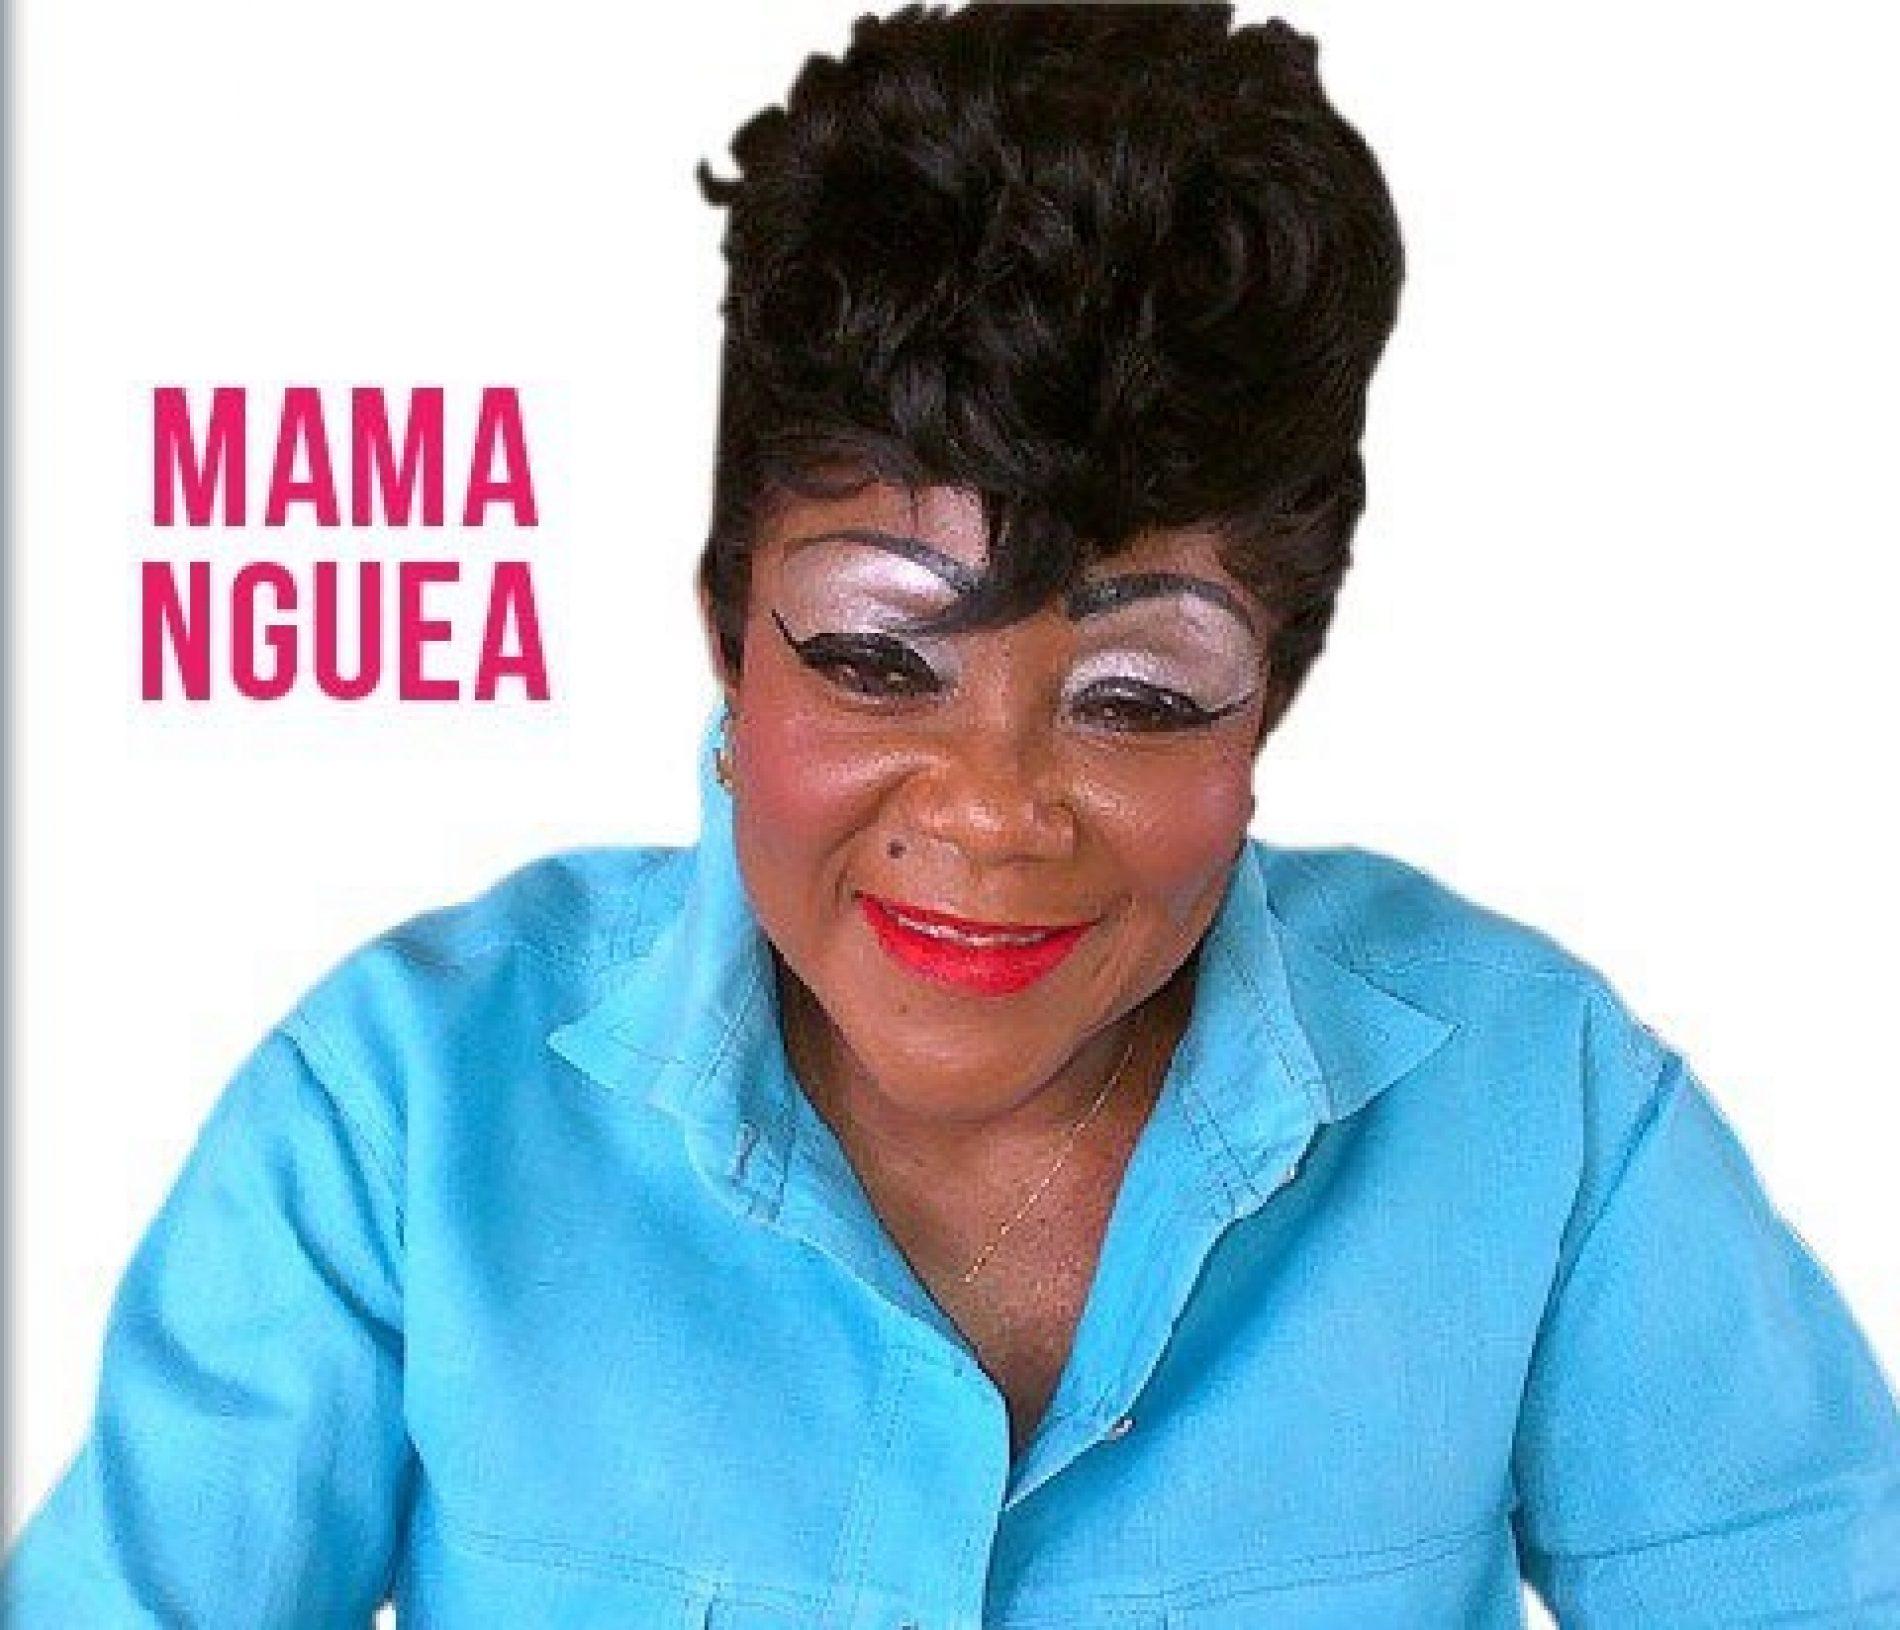 Culture: Plusieurs fois annoncée morte, Mama Nguéa rend finalement l'âme